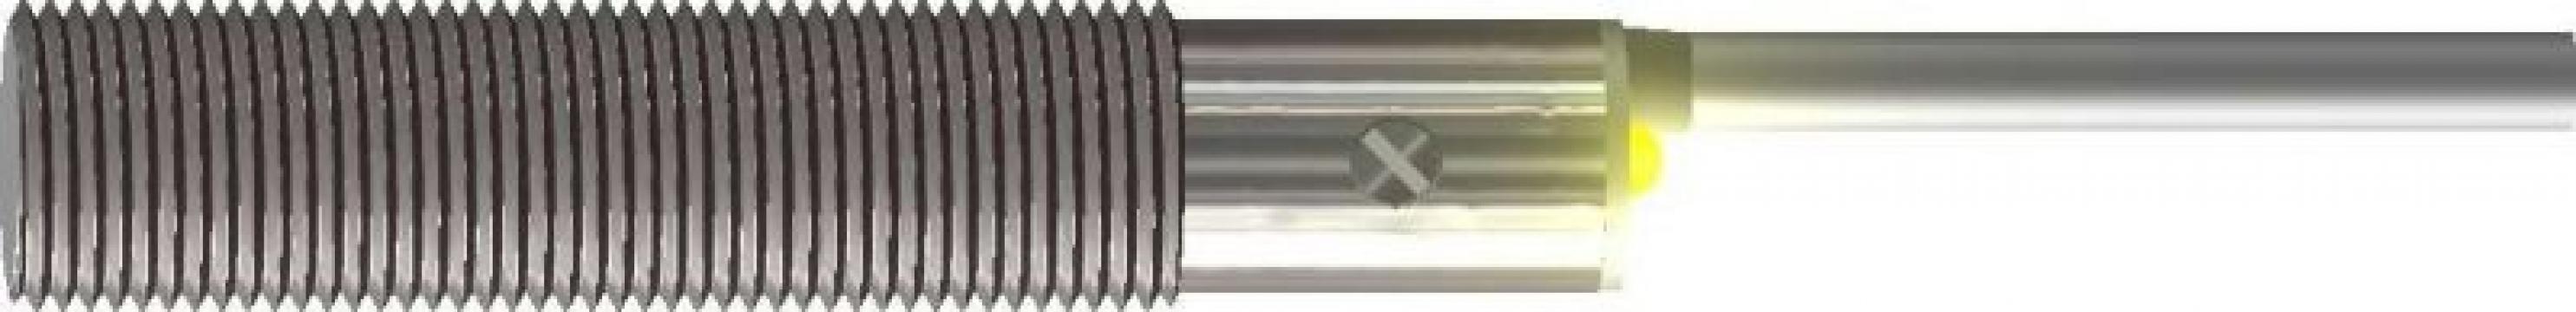 Senzor de proximitate capacitiv CS12-S4PO60/A2P de la Lax Tek